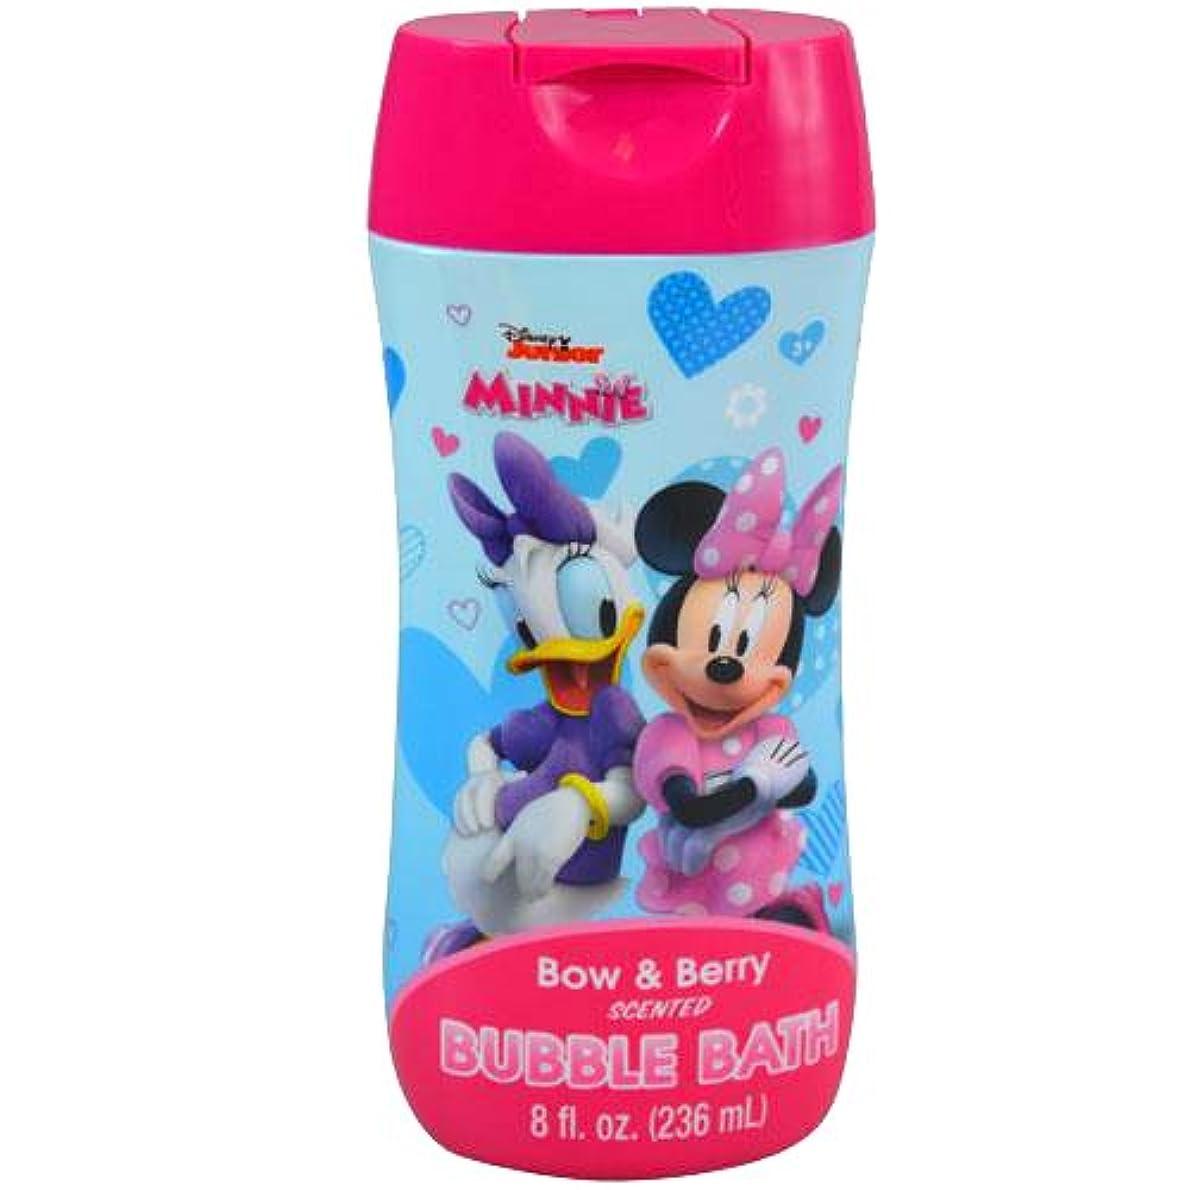 ミニー バブルバス 入浴剤 ディズニー 泡風呂 Disney 泡 バブル プレゼント 女の子 お風呂 バス 子供会 クリスマス 景品 13010【即日?翌日発送】